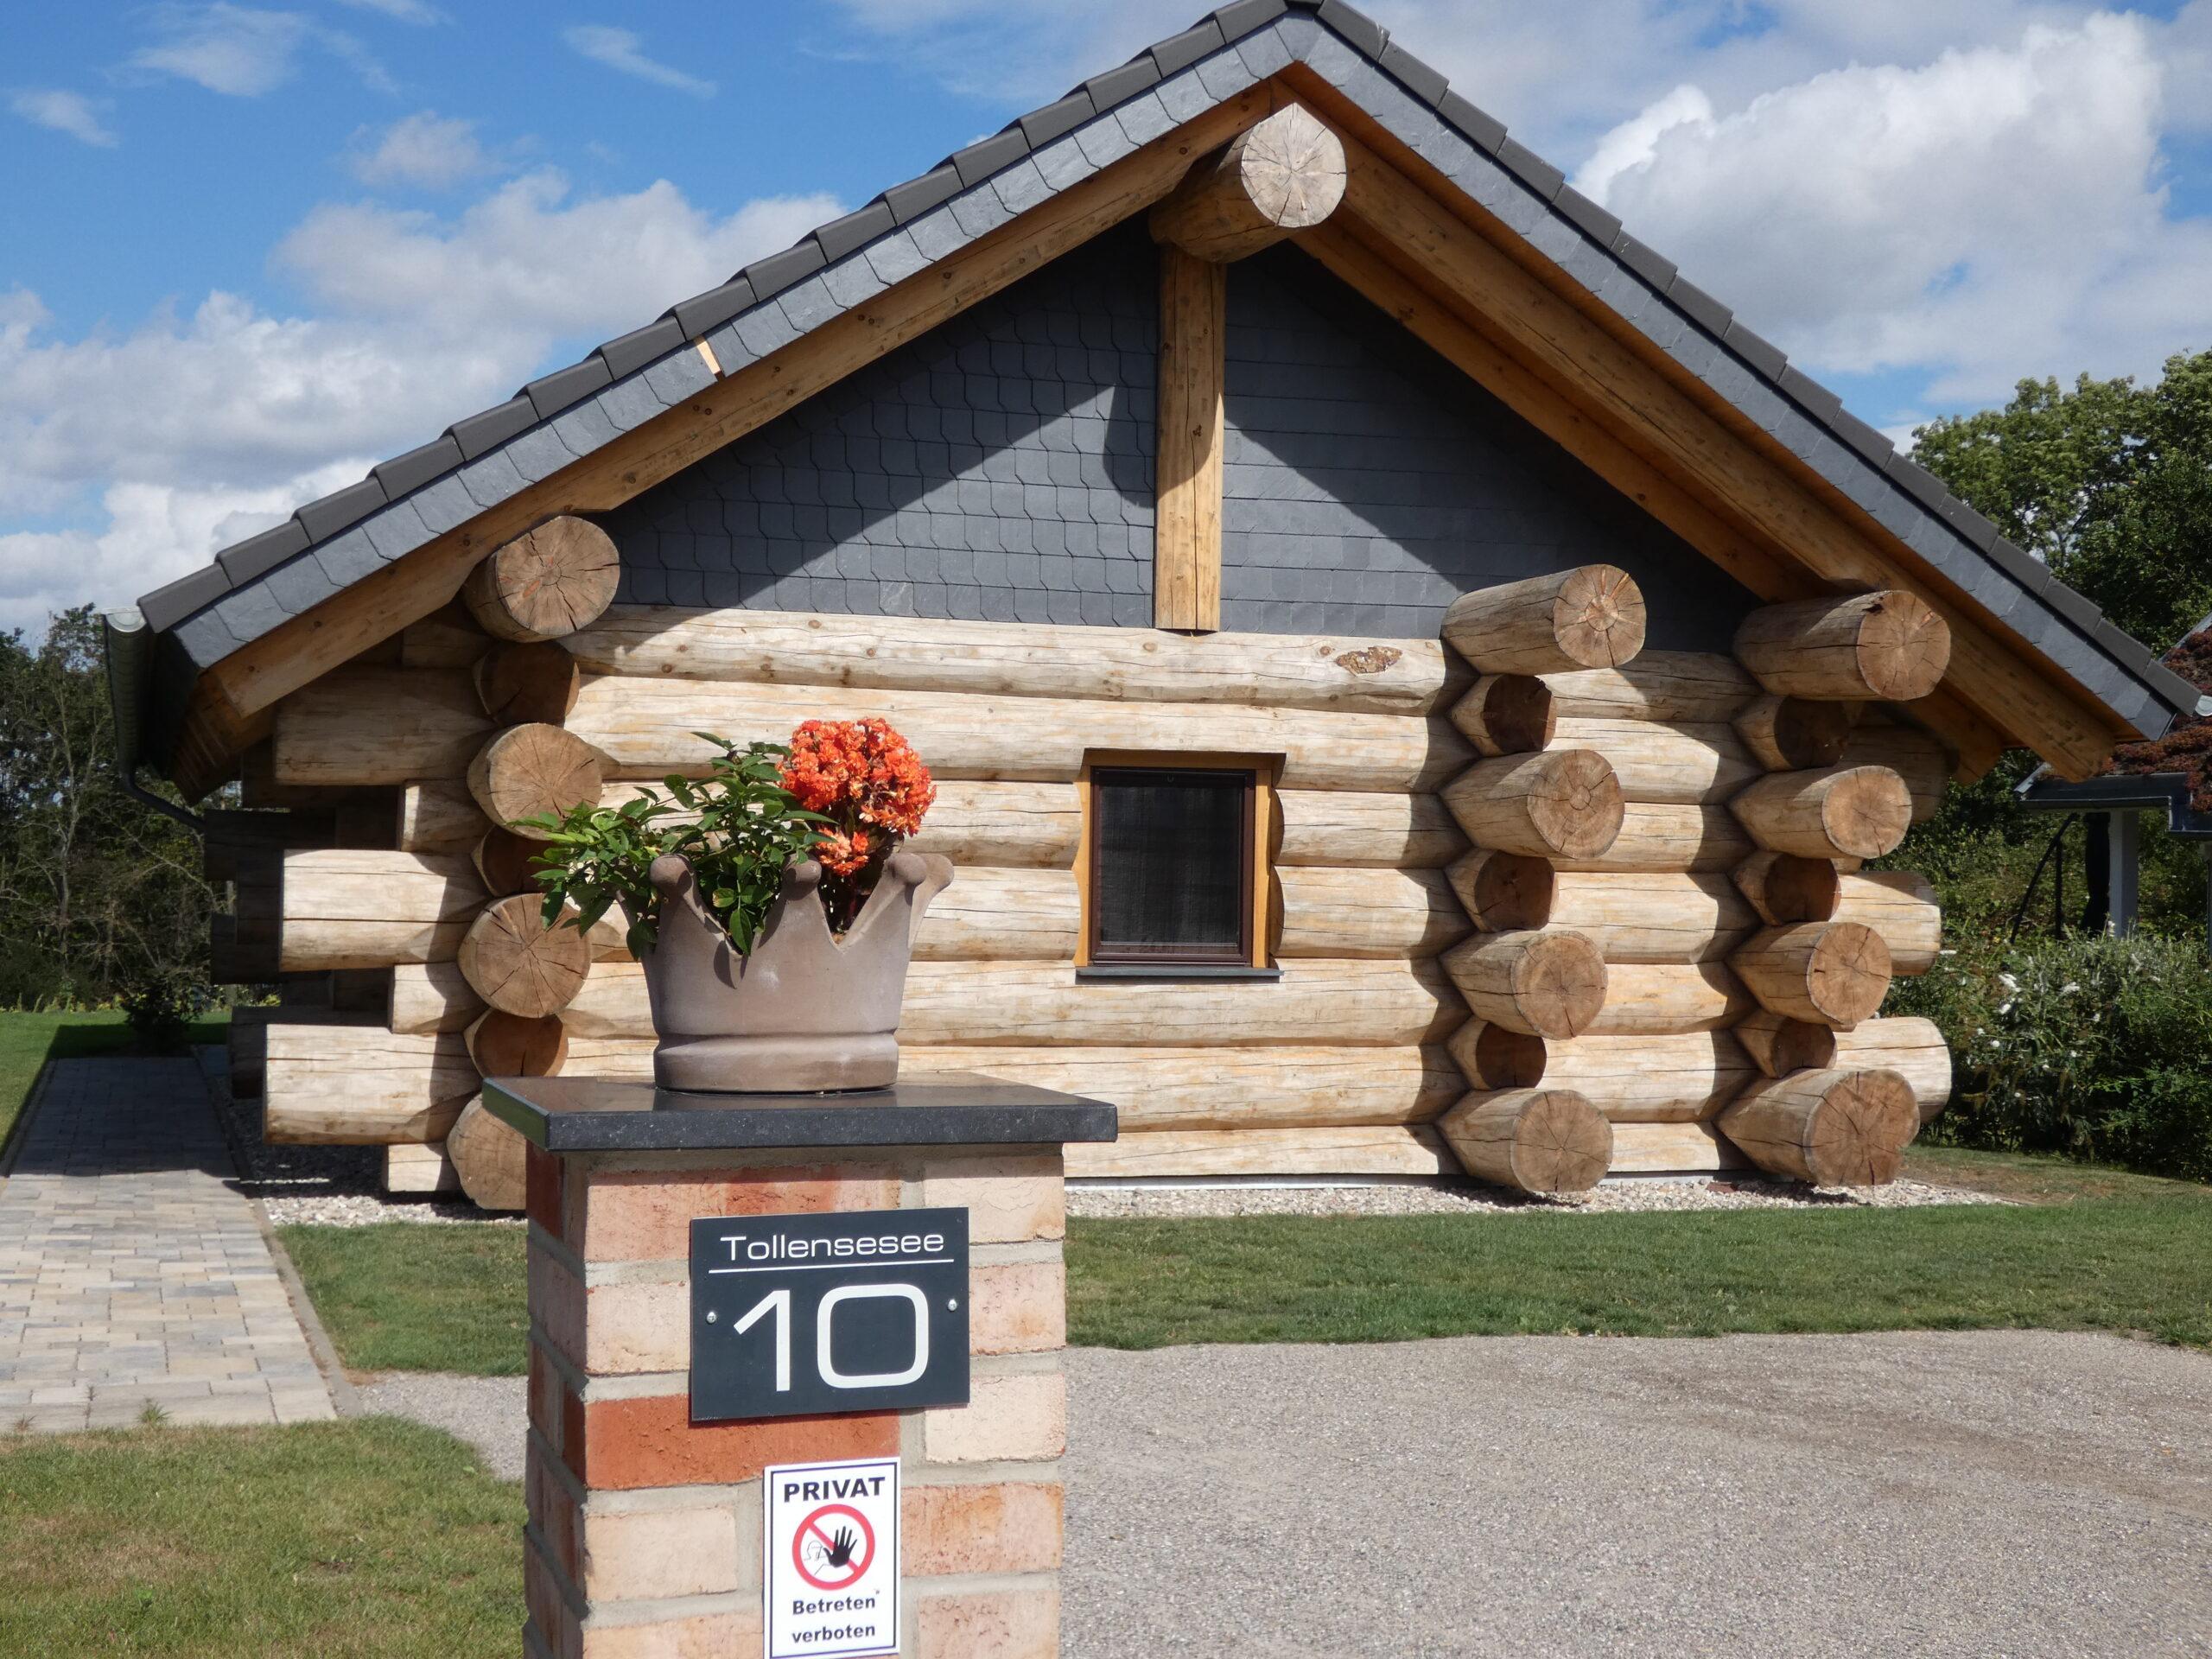 Naturstammhaus Tollensesee 10